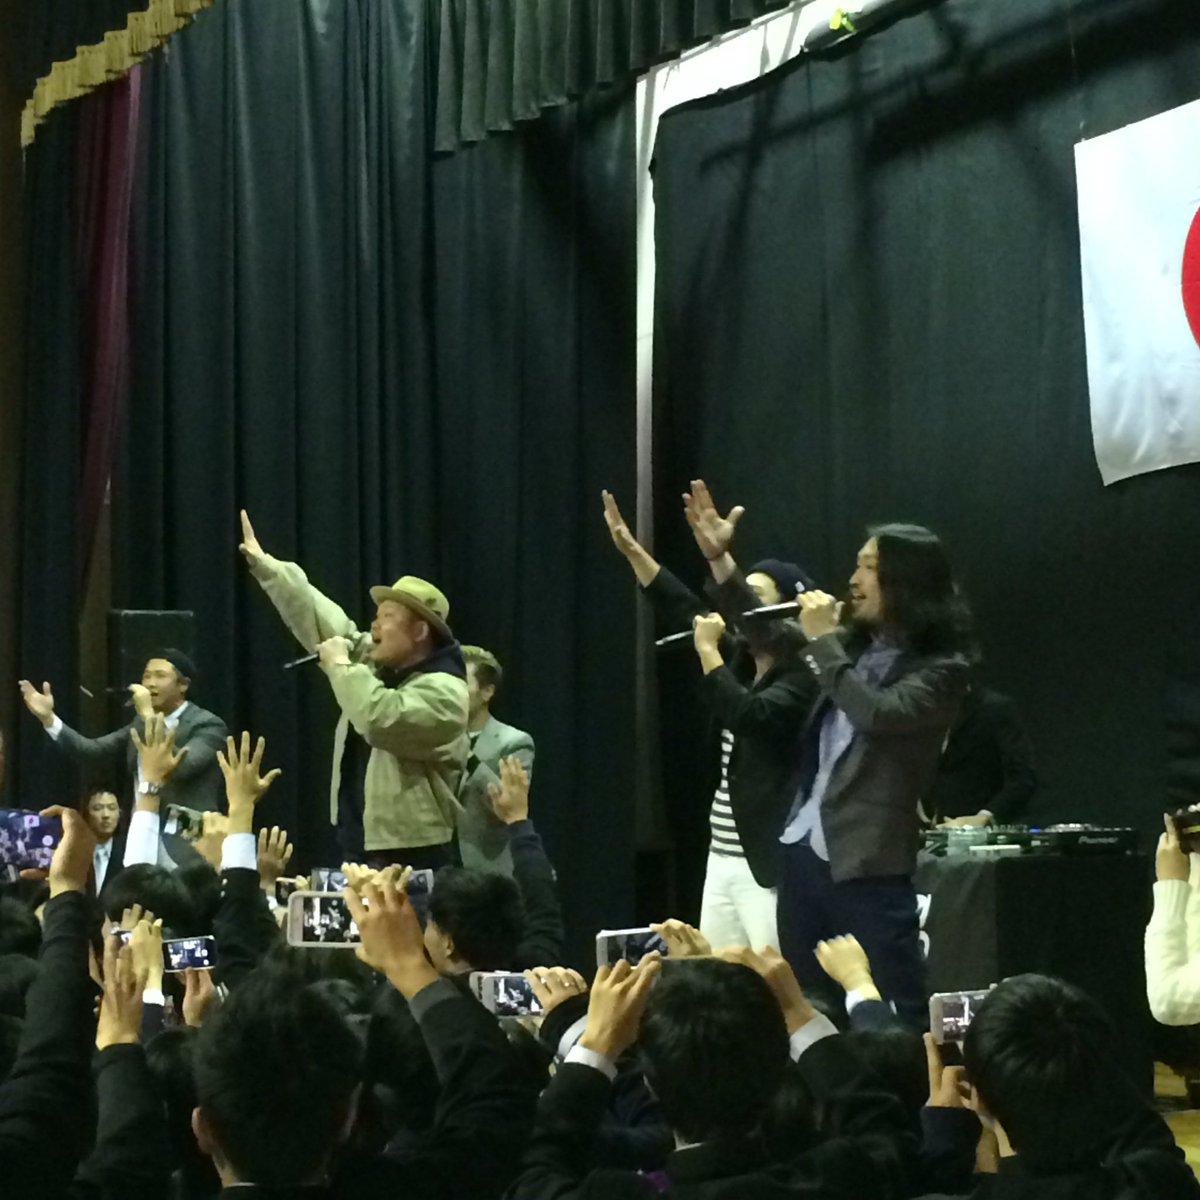 今日は、鳥取城北高校の卒業式にお邪魔しました!卒業生のみなさん、ご卒業おめでとうございます! #ETKING #Ideologie #鳥取城北高校 https://t.co/LasMS0mZ3f